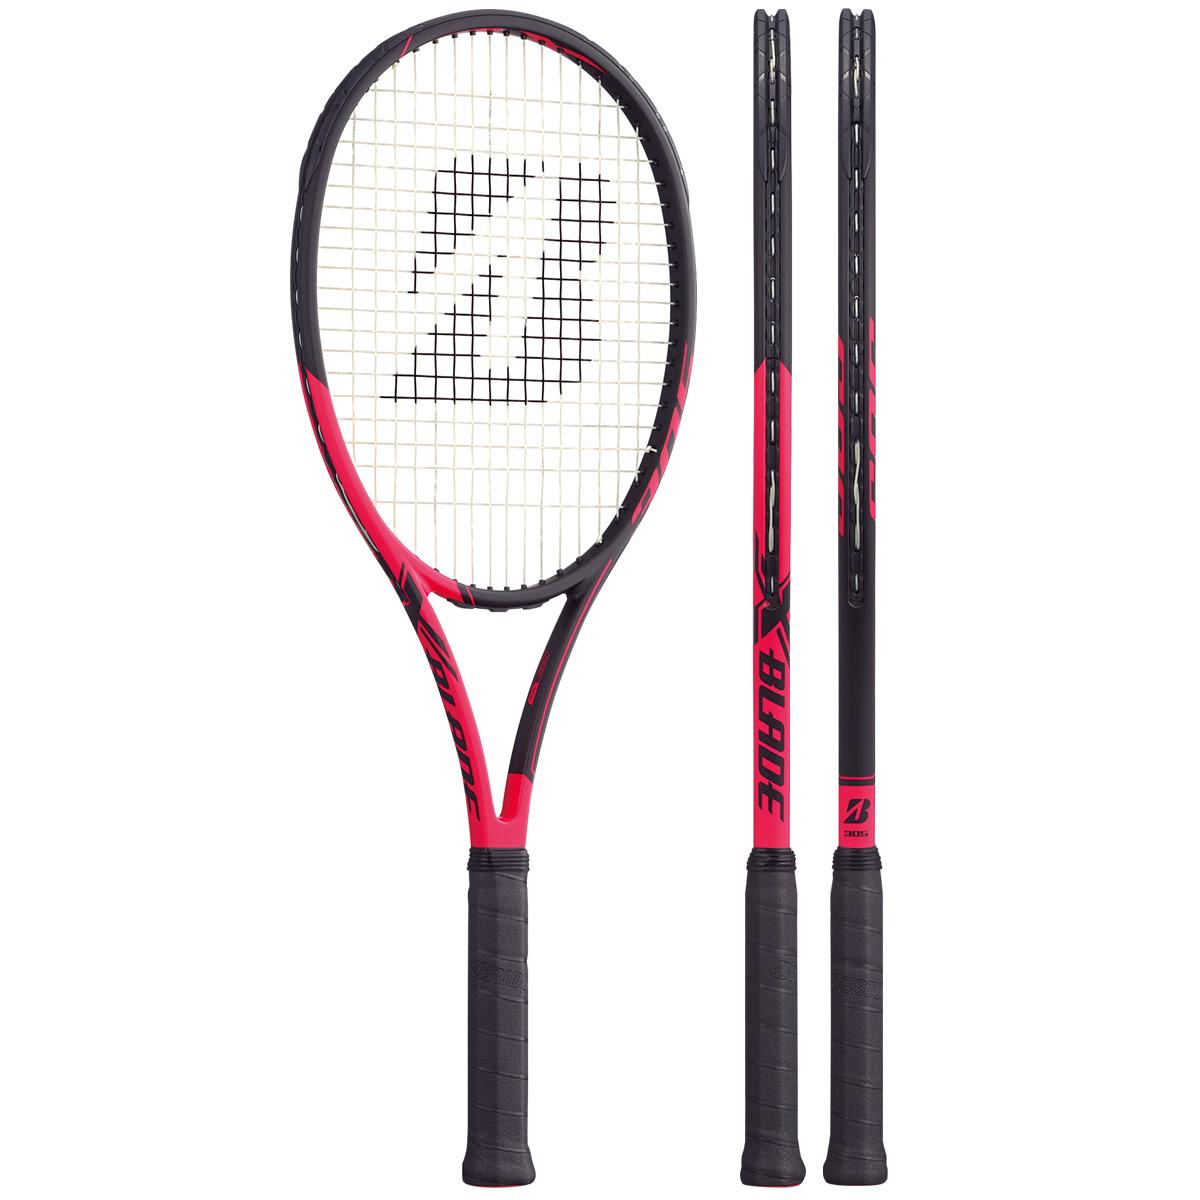 ブリヂストン BRIDGESTONE 硬式テニスラケット X-BLADE BX 305 エックスブレード ビーエックス 305 BRABX1 【Tシャツまたはサコッシュプレゼント】